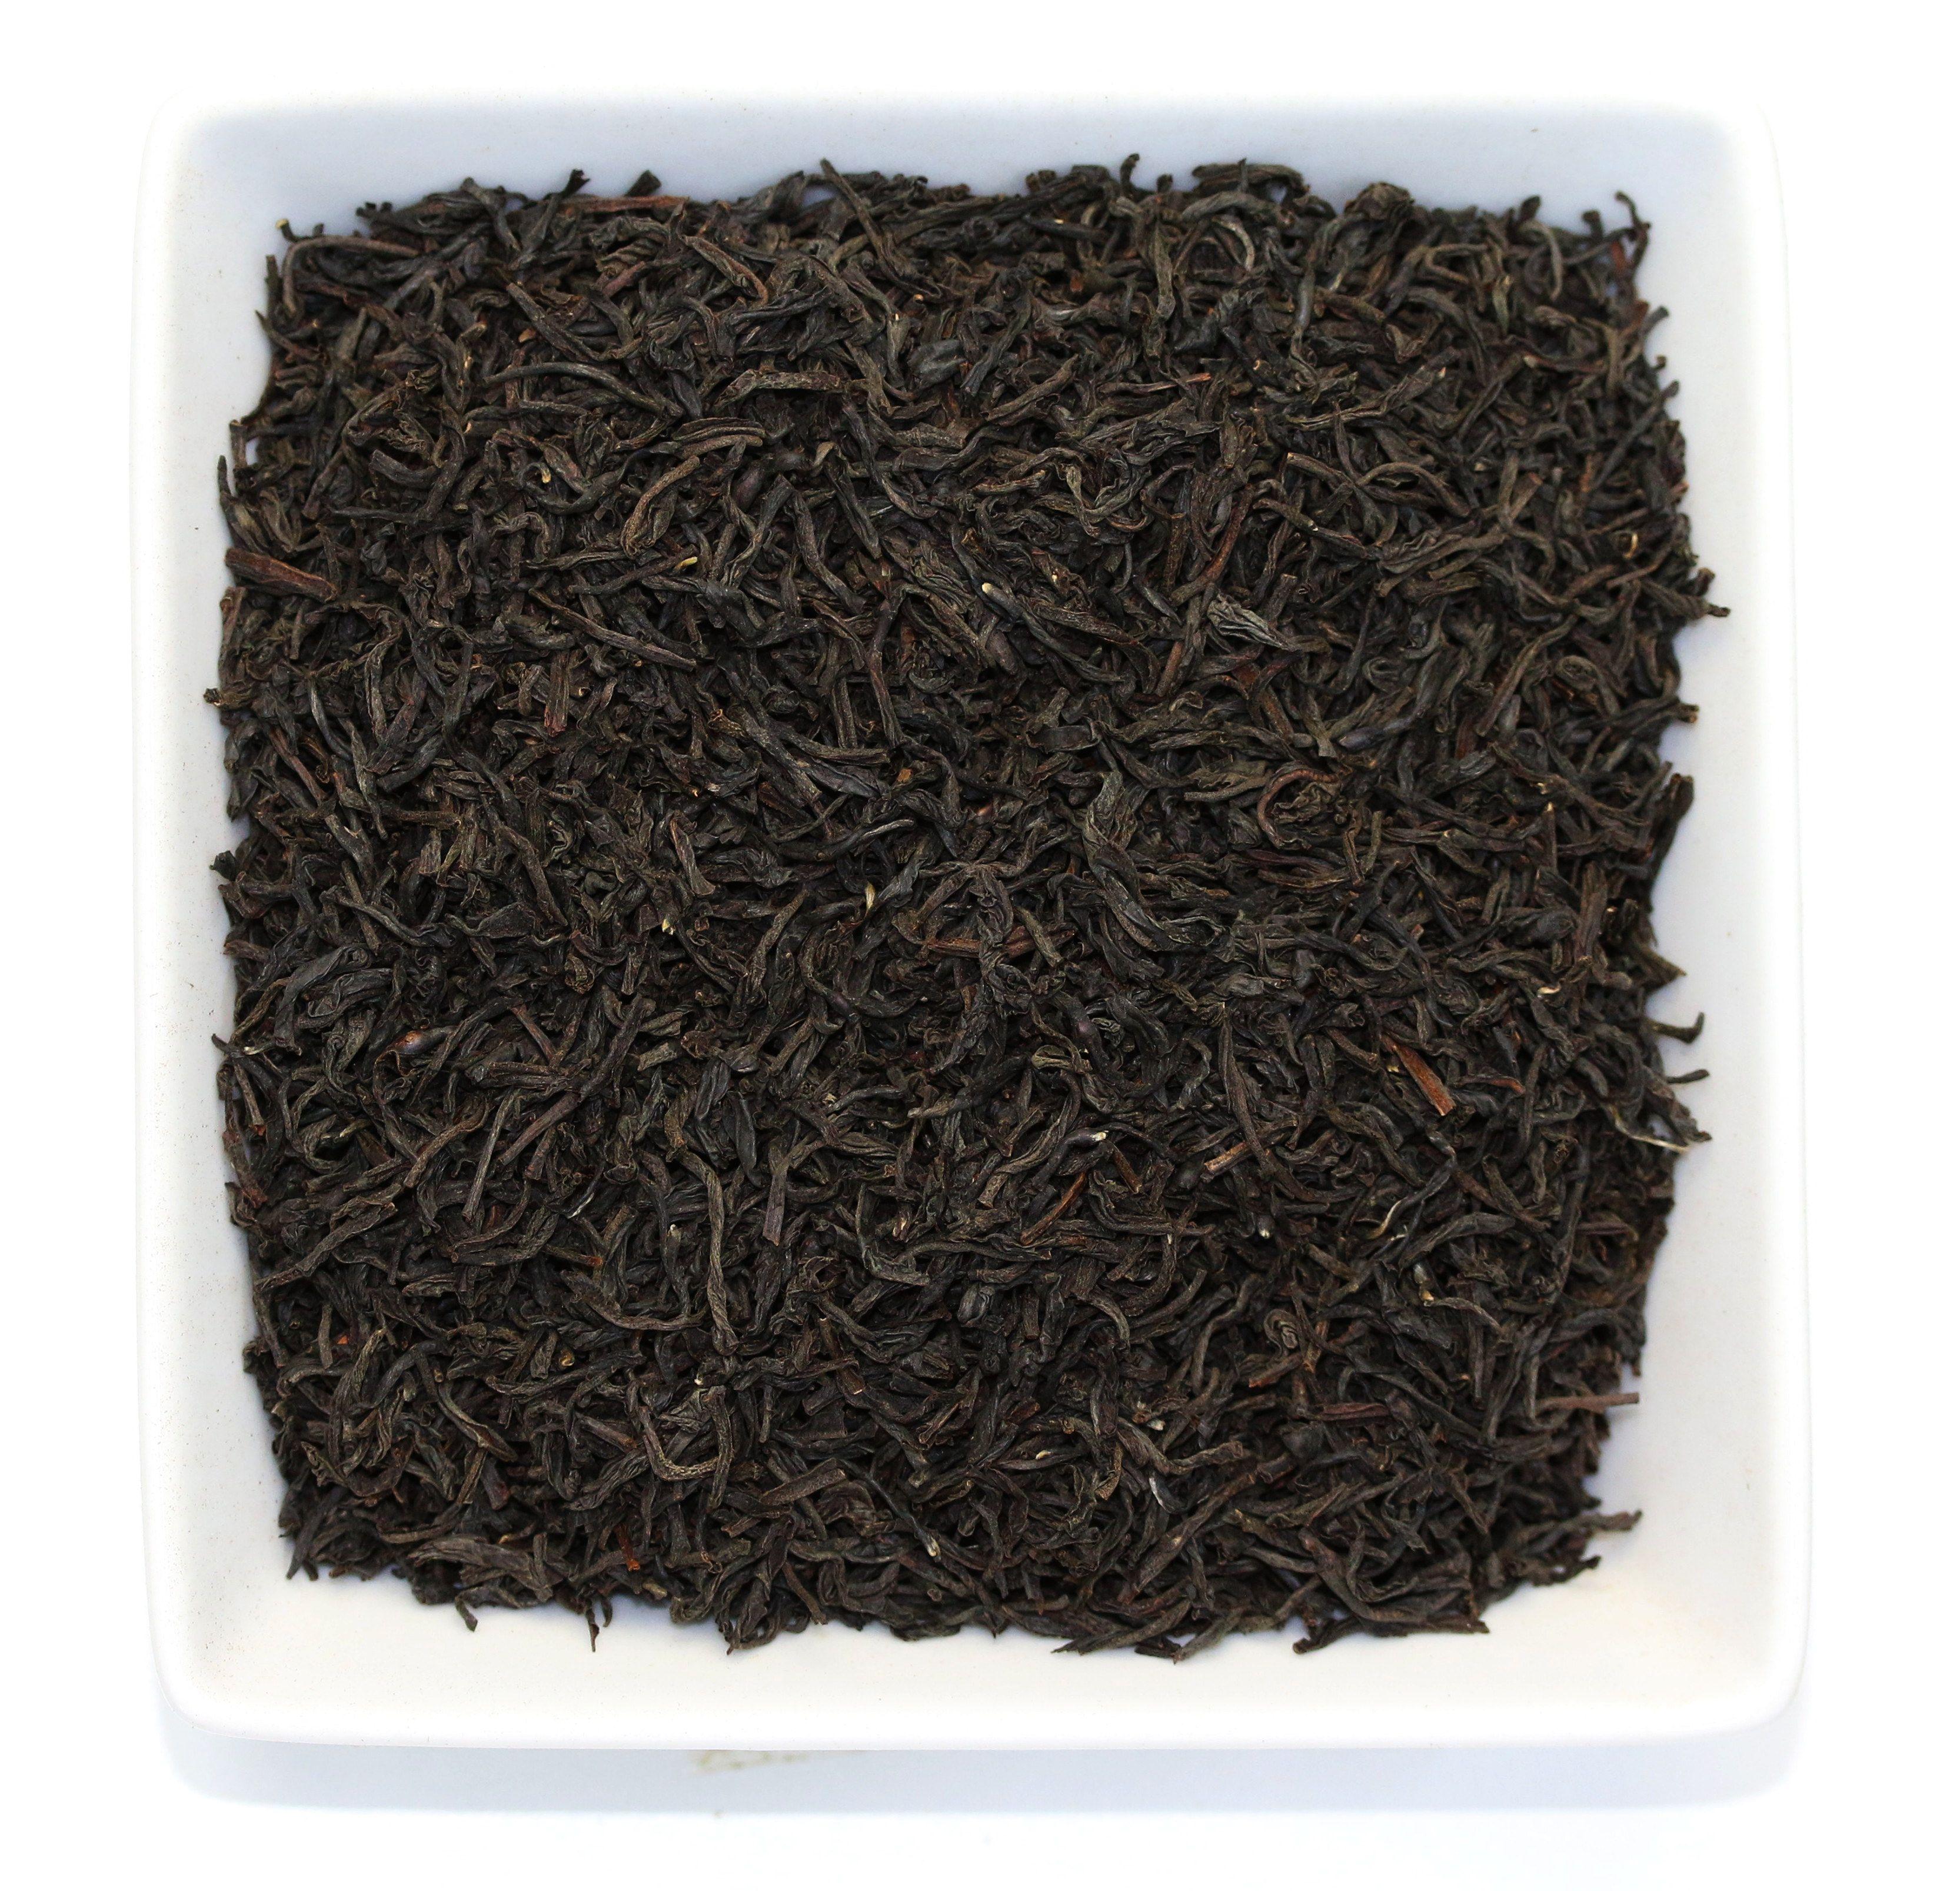 Orange Pekoe Ceylon Pu erh tea, Orange pekoe tea, Loose